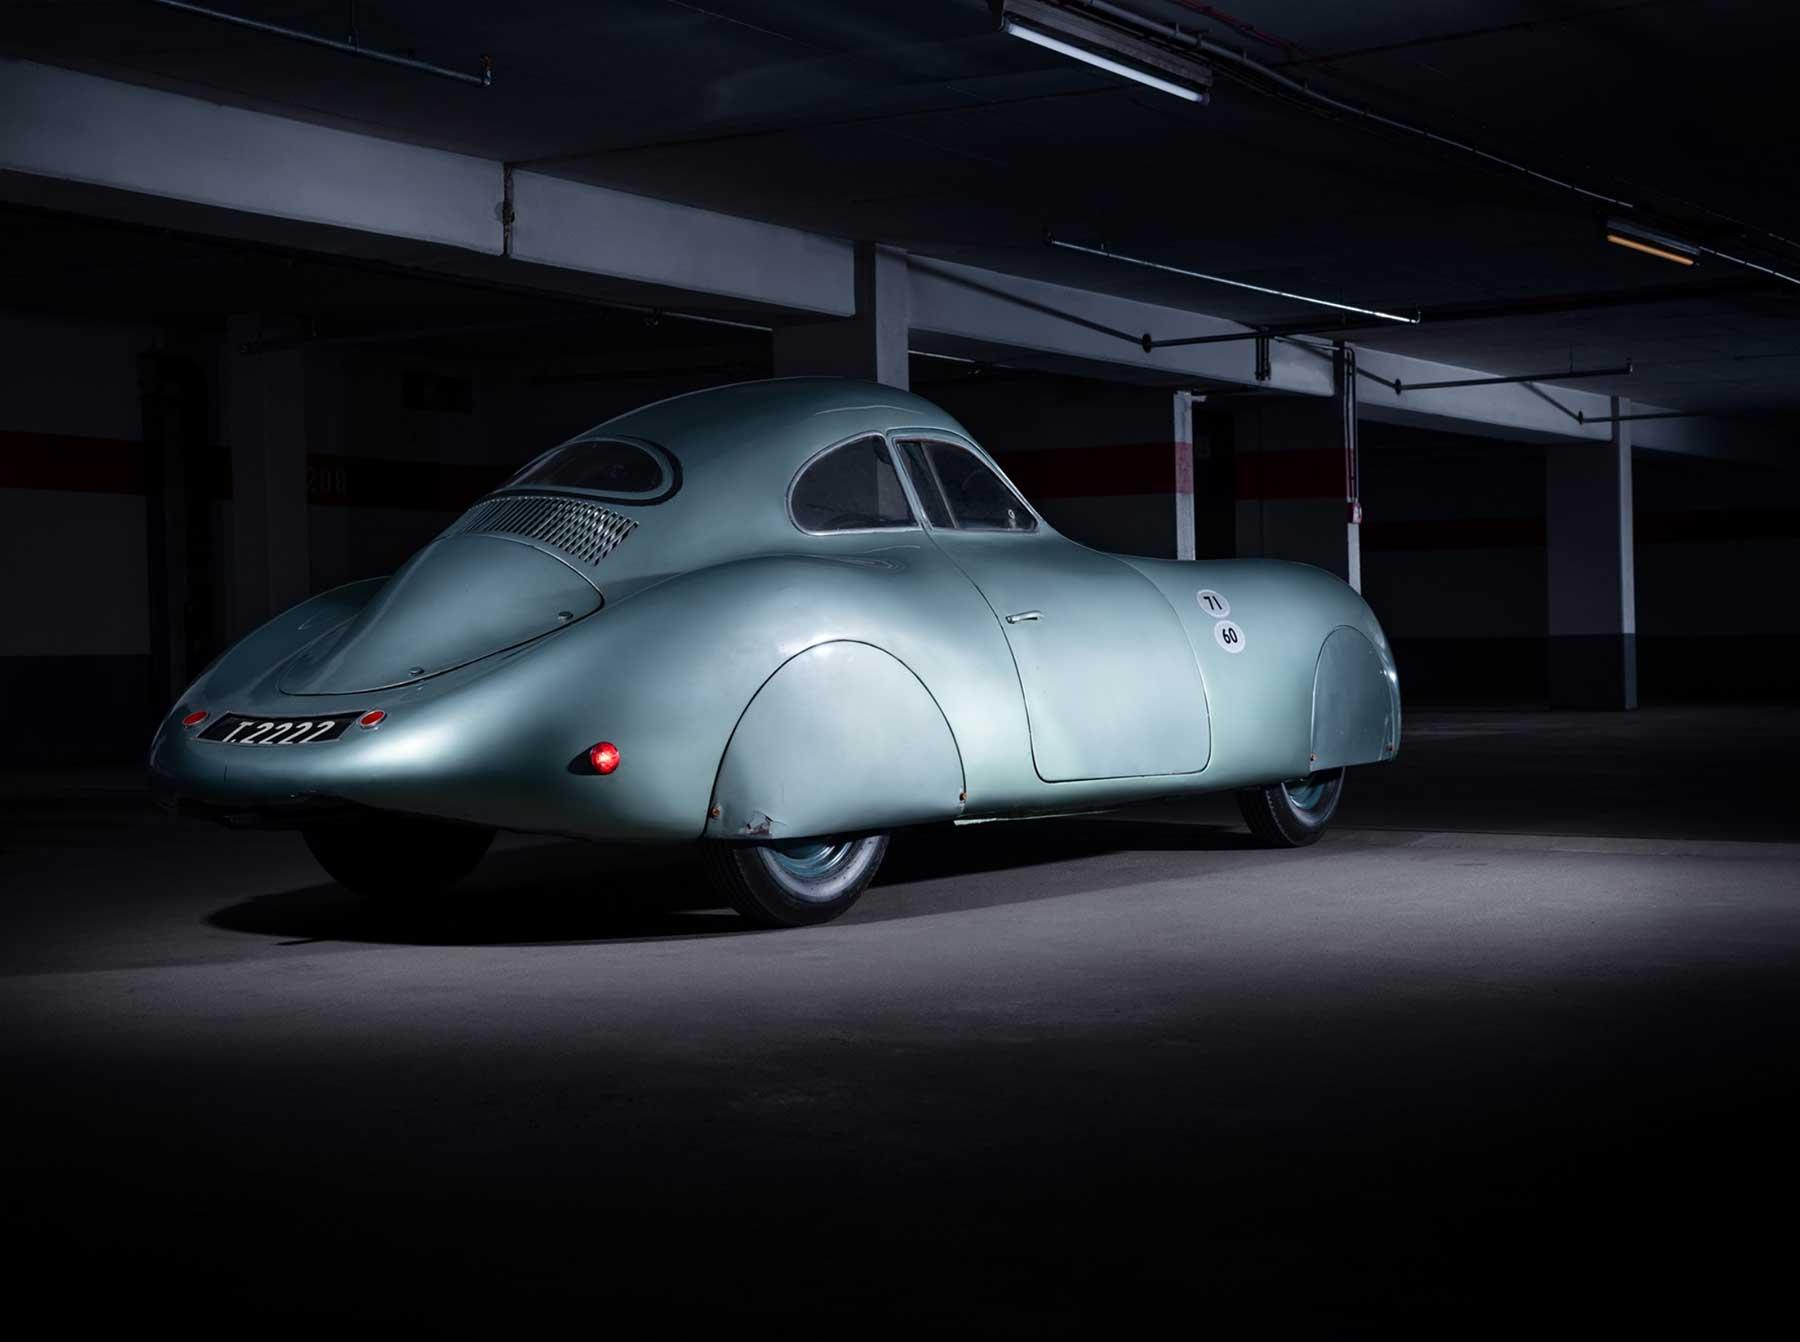 Der älteste und teuerste Porsche der Welt 1939-Porsche-Type-64-sothebys_02